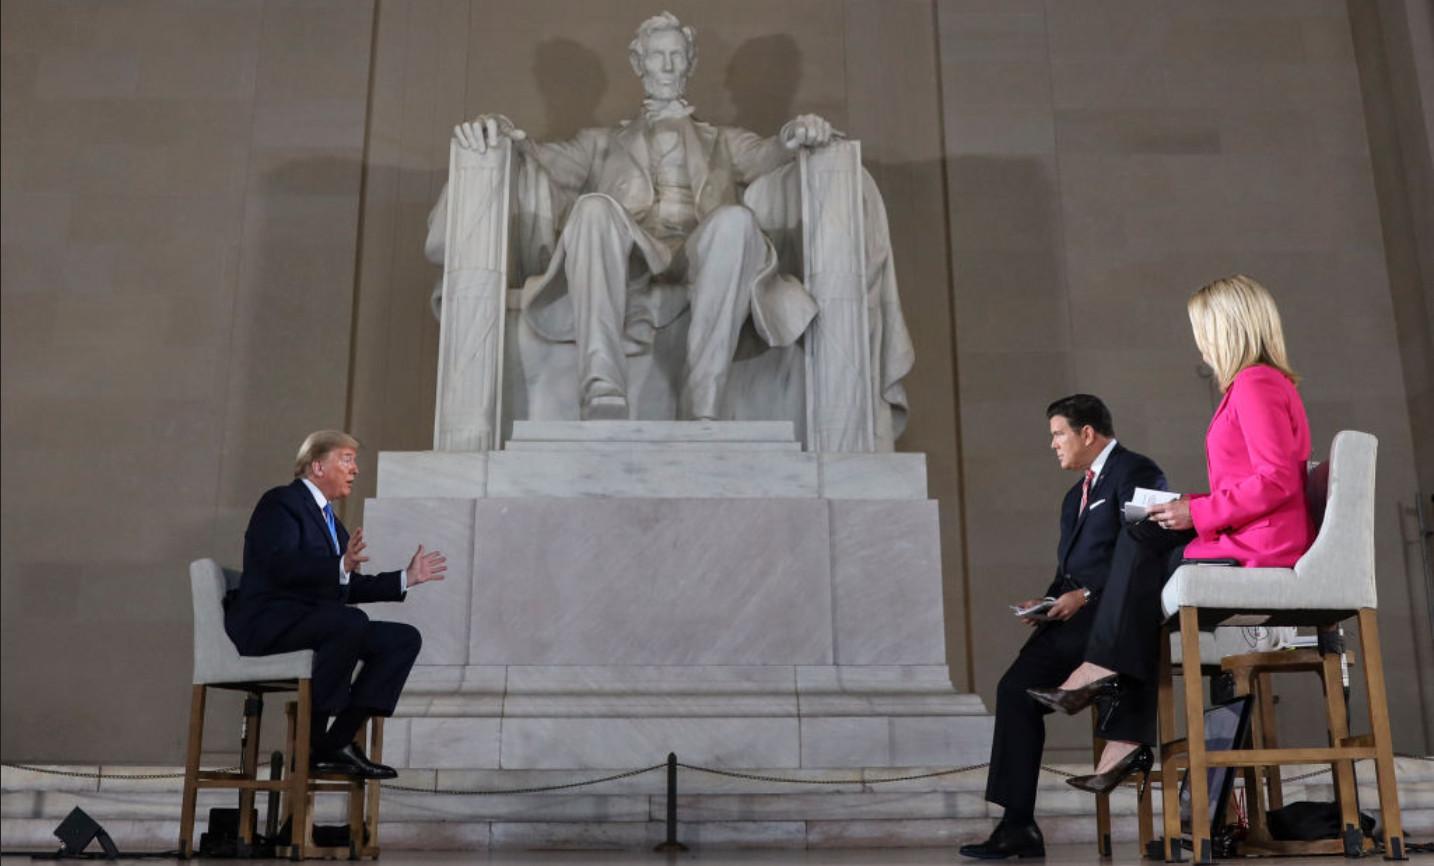 特朗普:將對中共終極制裁 絕不玩跳棋遊戲 美國總統特朗普在林肯紀念堂接受霍士新聞專訪。(Oliver Contreras-Pool/Getty Images)